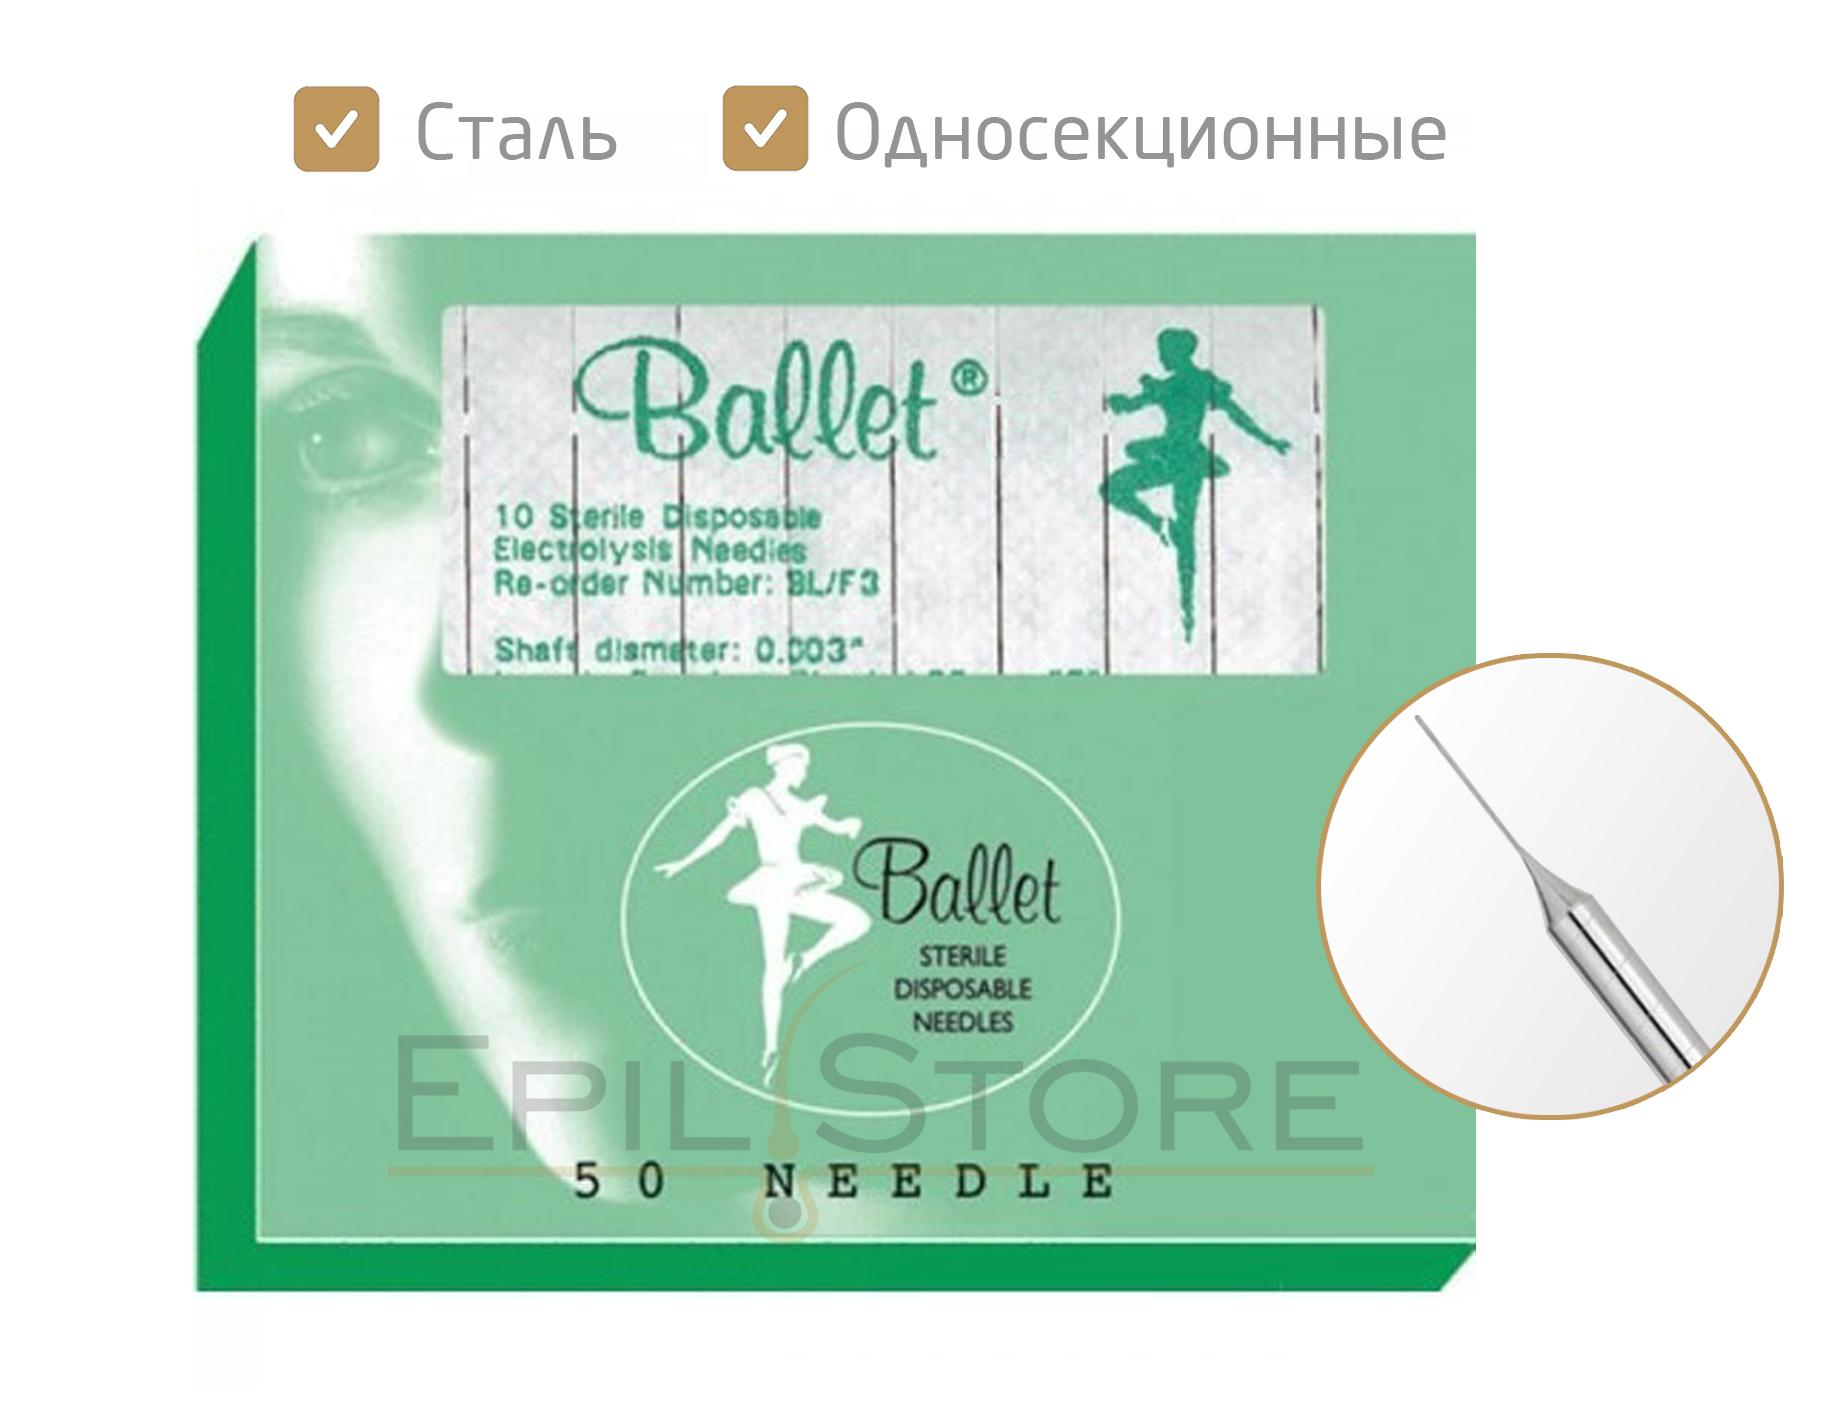 Стальные иглы для электроэпиляции Ballet - 50 штук